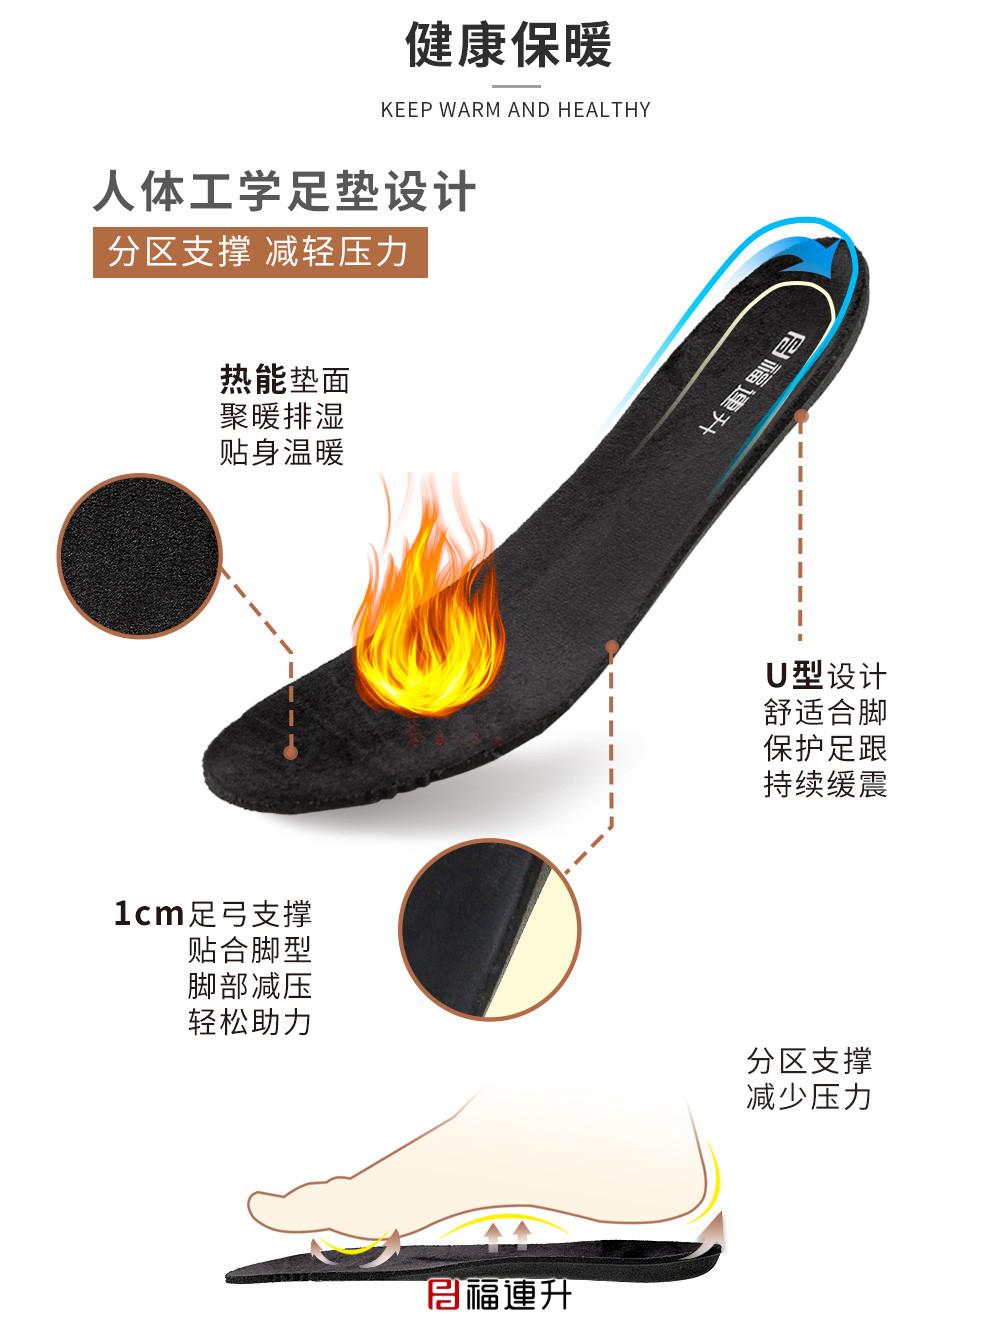 福连升2020冬季新款减震防水潮流百搭漫步星河休闲运动女鞋图片